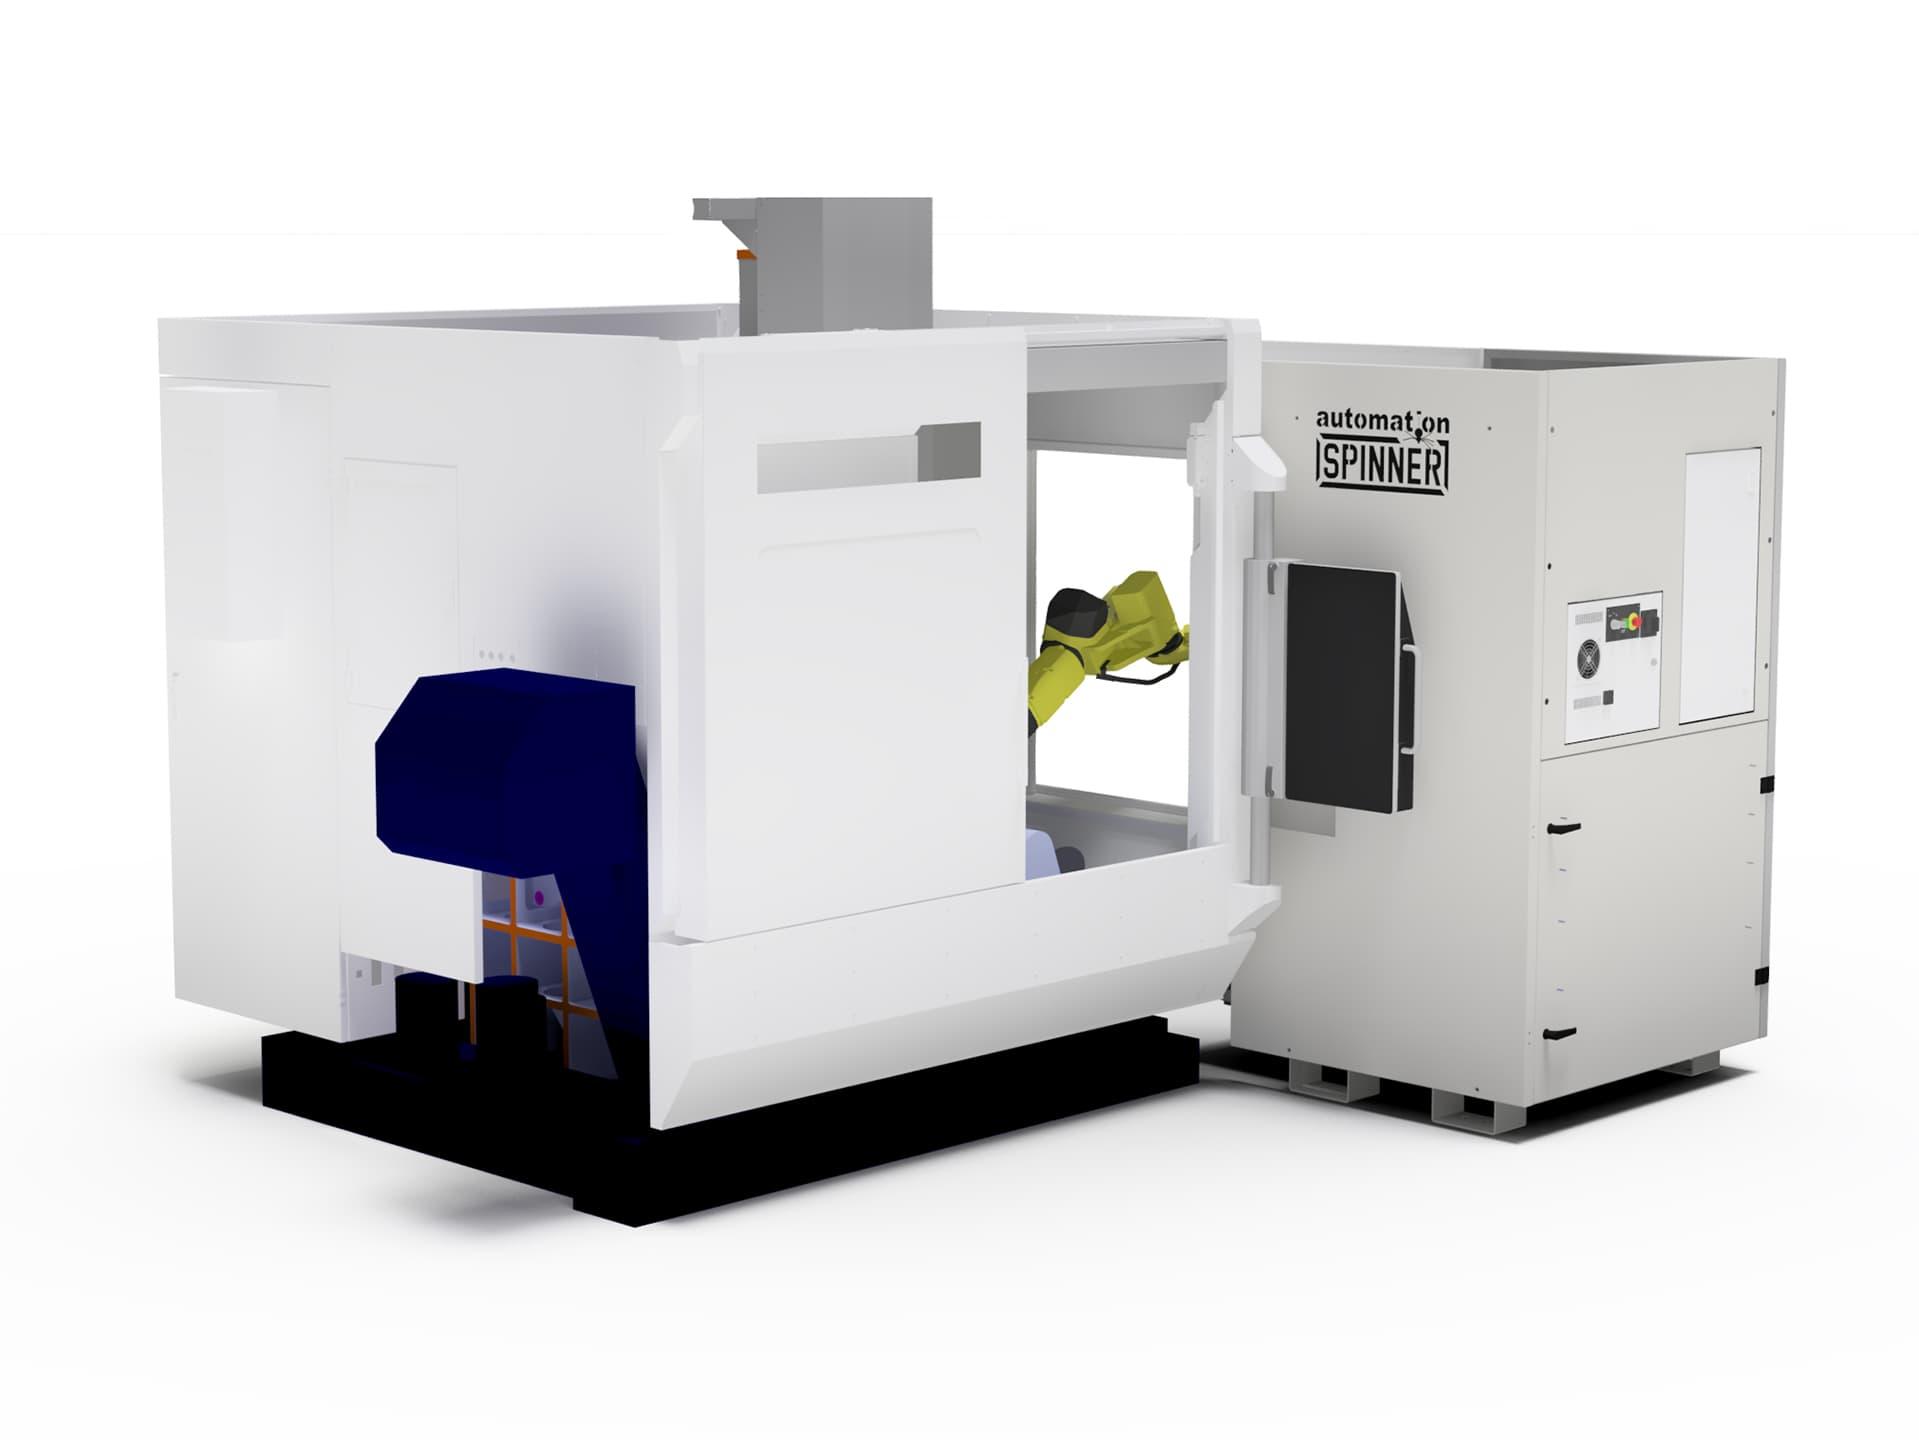 Spinner AG - Visualisierung Rückseite Robobox mit 5-Achs-Bearbeitungszentrum Spinner U5